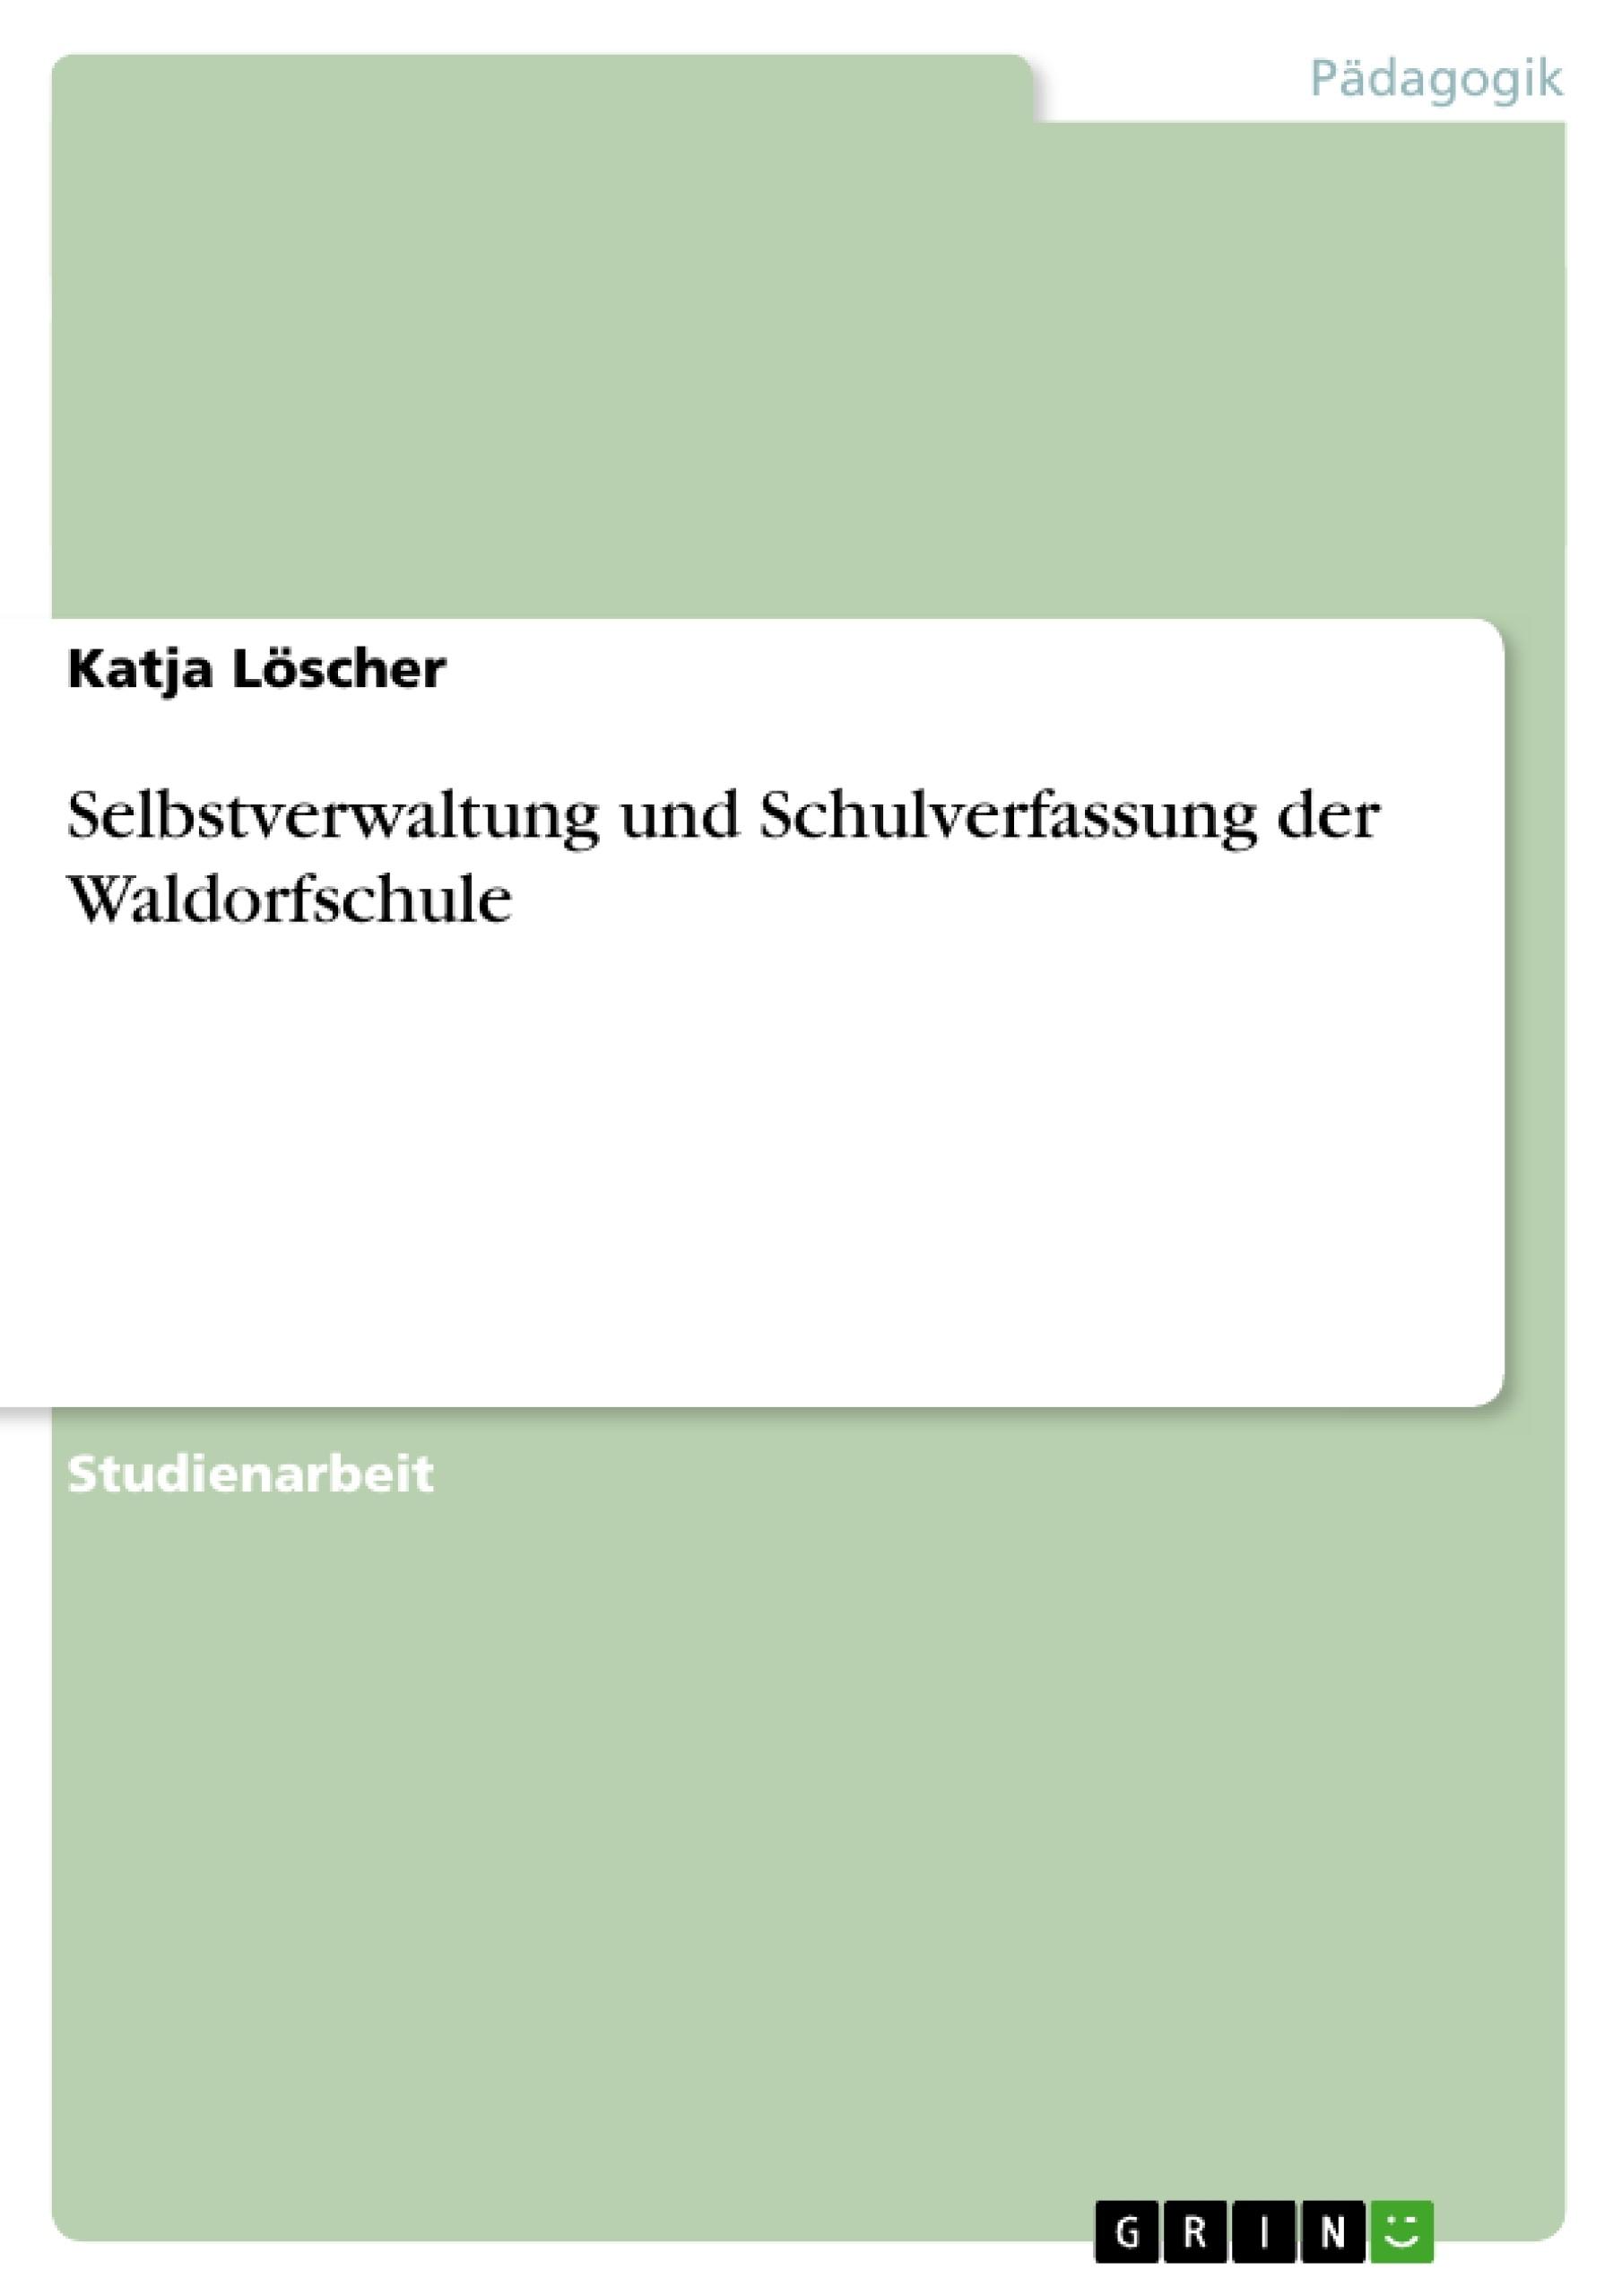 Titel: Selbstverwaltung und Schulverfassung der Waldorfschule